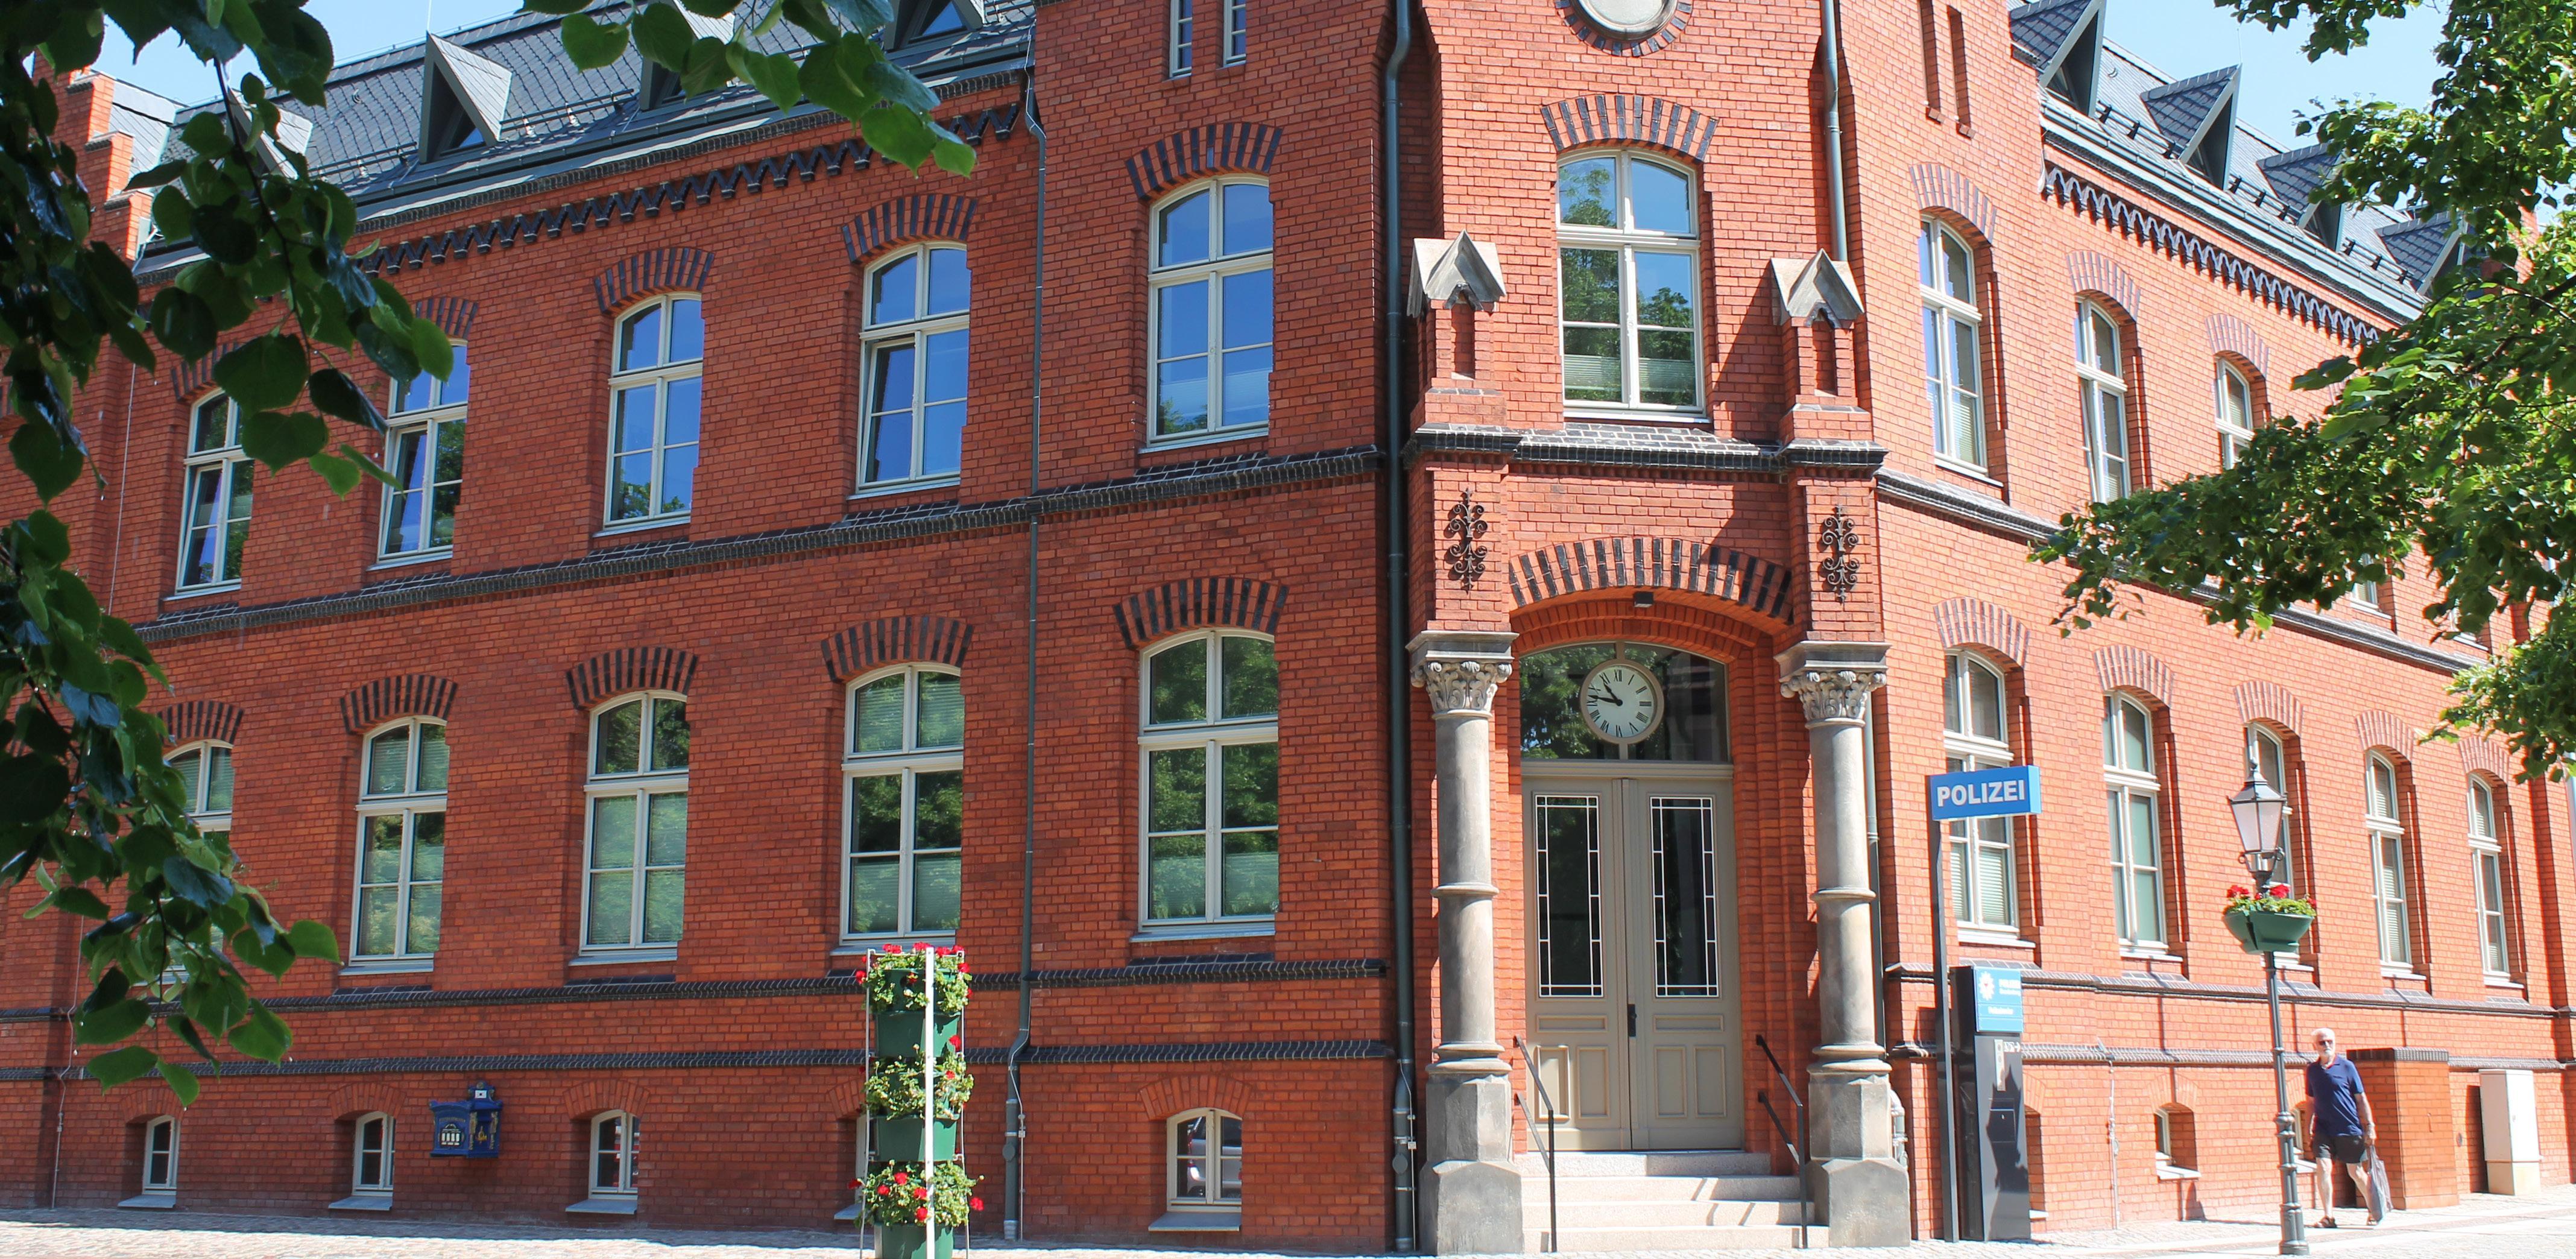 Aus dem historischen Gebäude des alten Postamts wurde eine moderne Dienststelle der Polizei. Der Umbau und die Sanierung kosteten 3,9 Millionen Euro, inklusive Mitteln der Städtebauförderung. Fotos (4) : Lerm